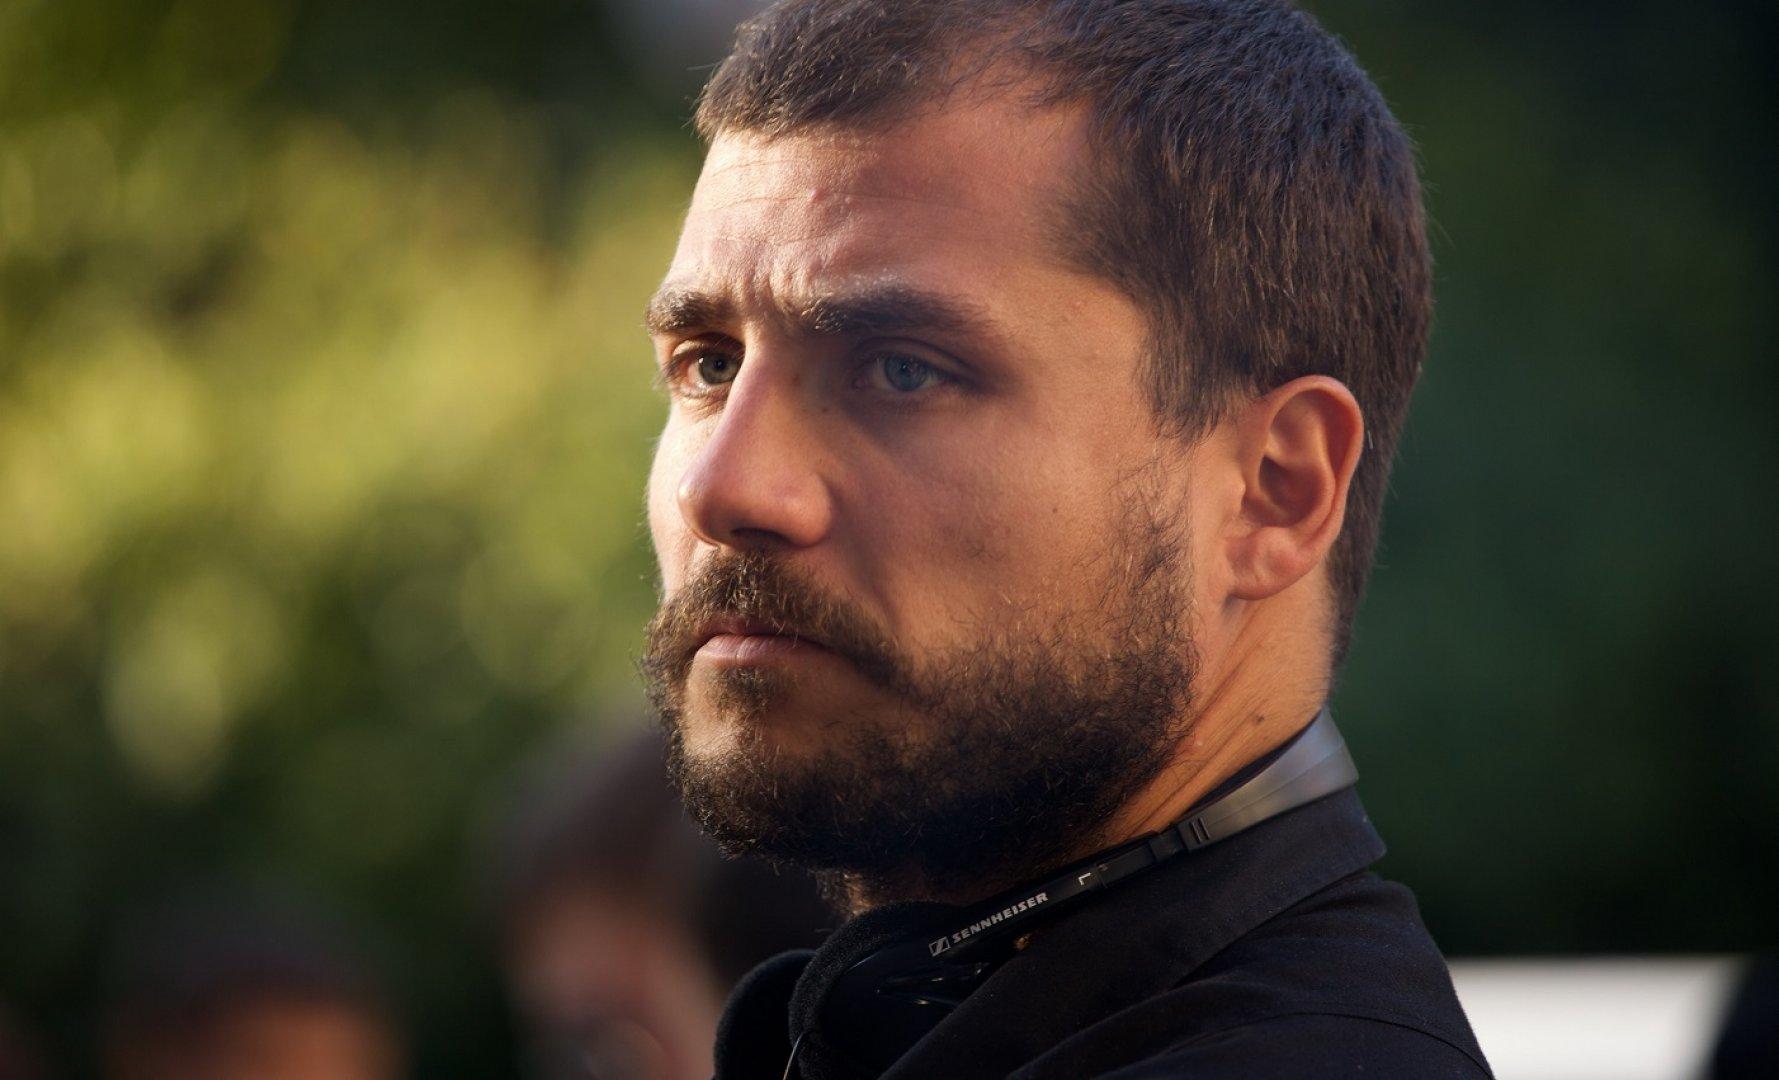 Февруари е четвъртият пълнометражен филм на Камен Калев, който успешно се представя на фестивали по света